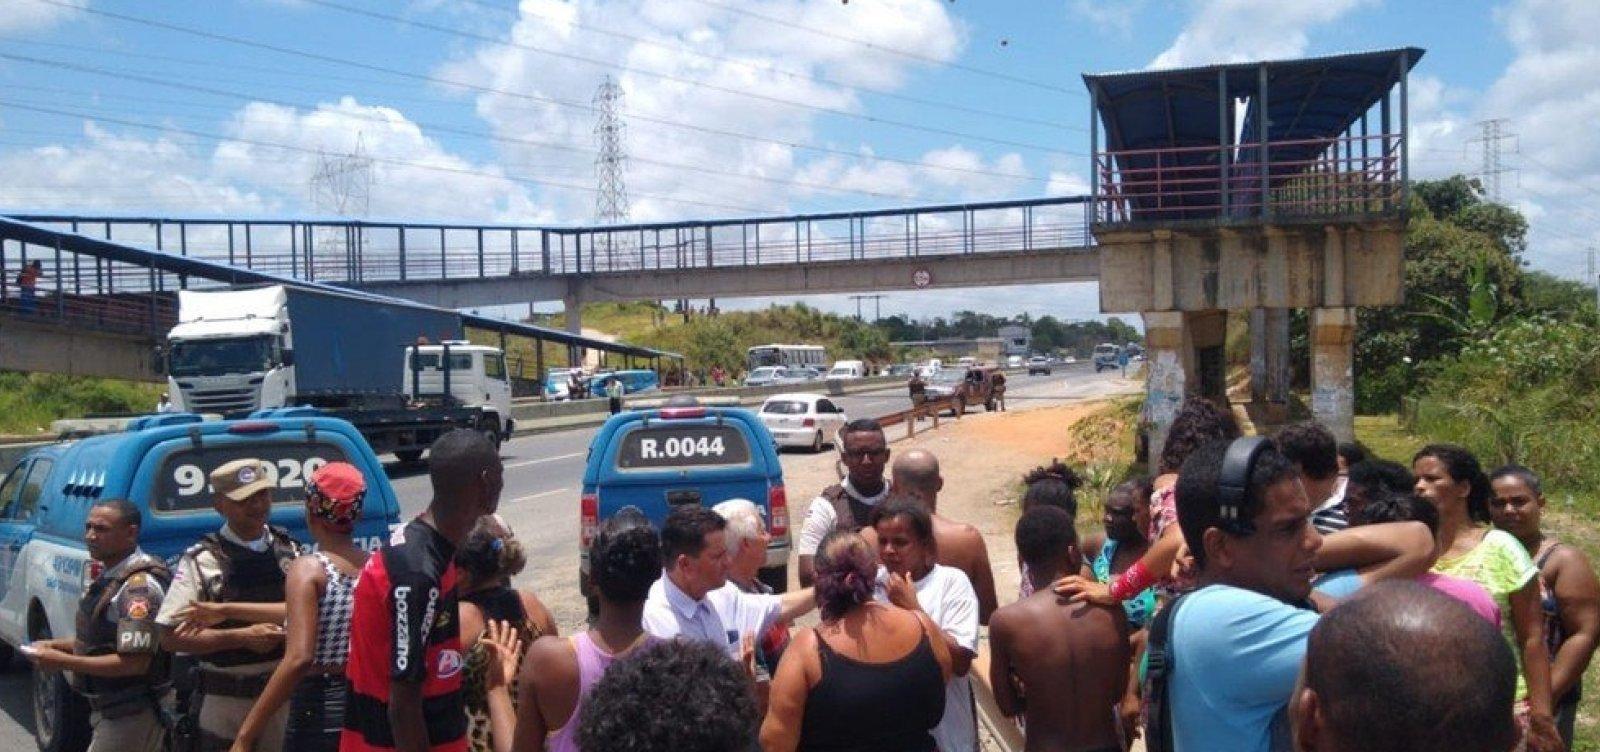 [Ônibus deixam de circular no Bosque das Bromélias após protesto contra morte em ação policial]